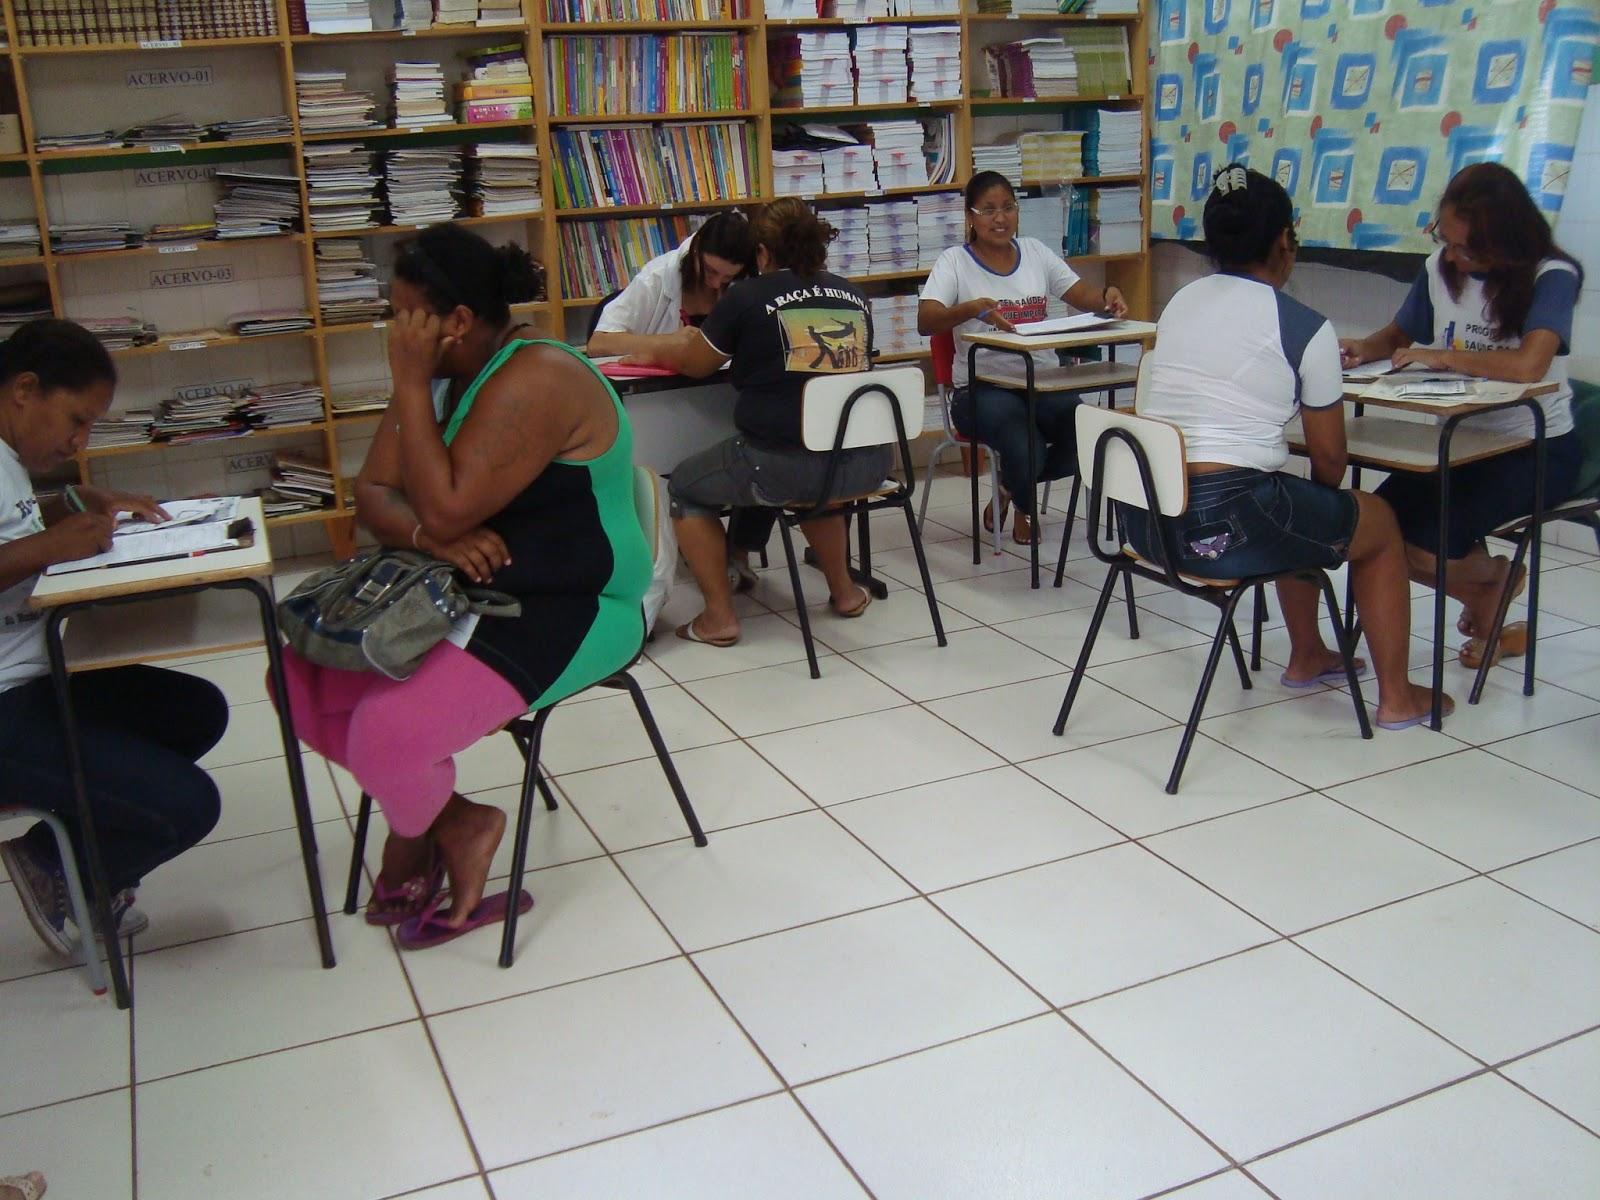 #37777F Escola Experimental de Educação Integral Rachid Bardauil: Novembro  1600x1200 px Projeto Cozinha Experimental Na Escola #2535 imagens